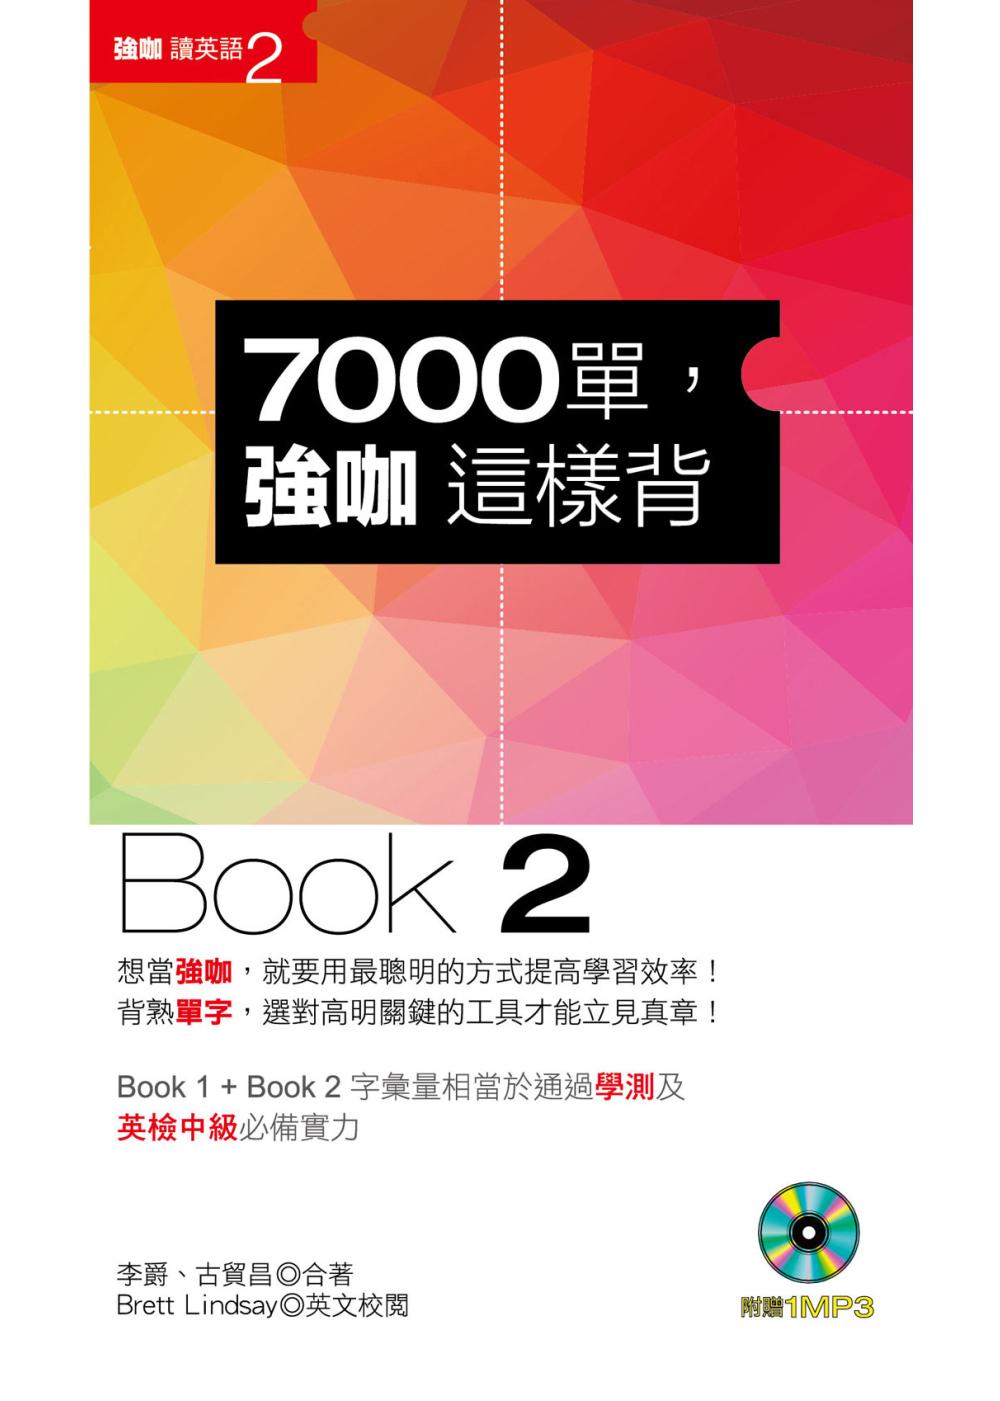 7000單,強咖這樣背(Book 2)(1MP3)